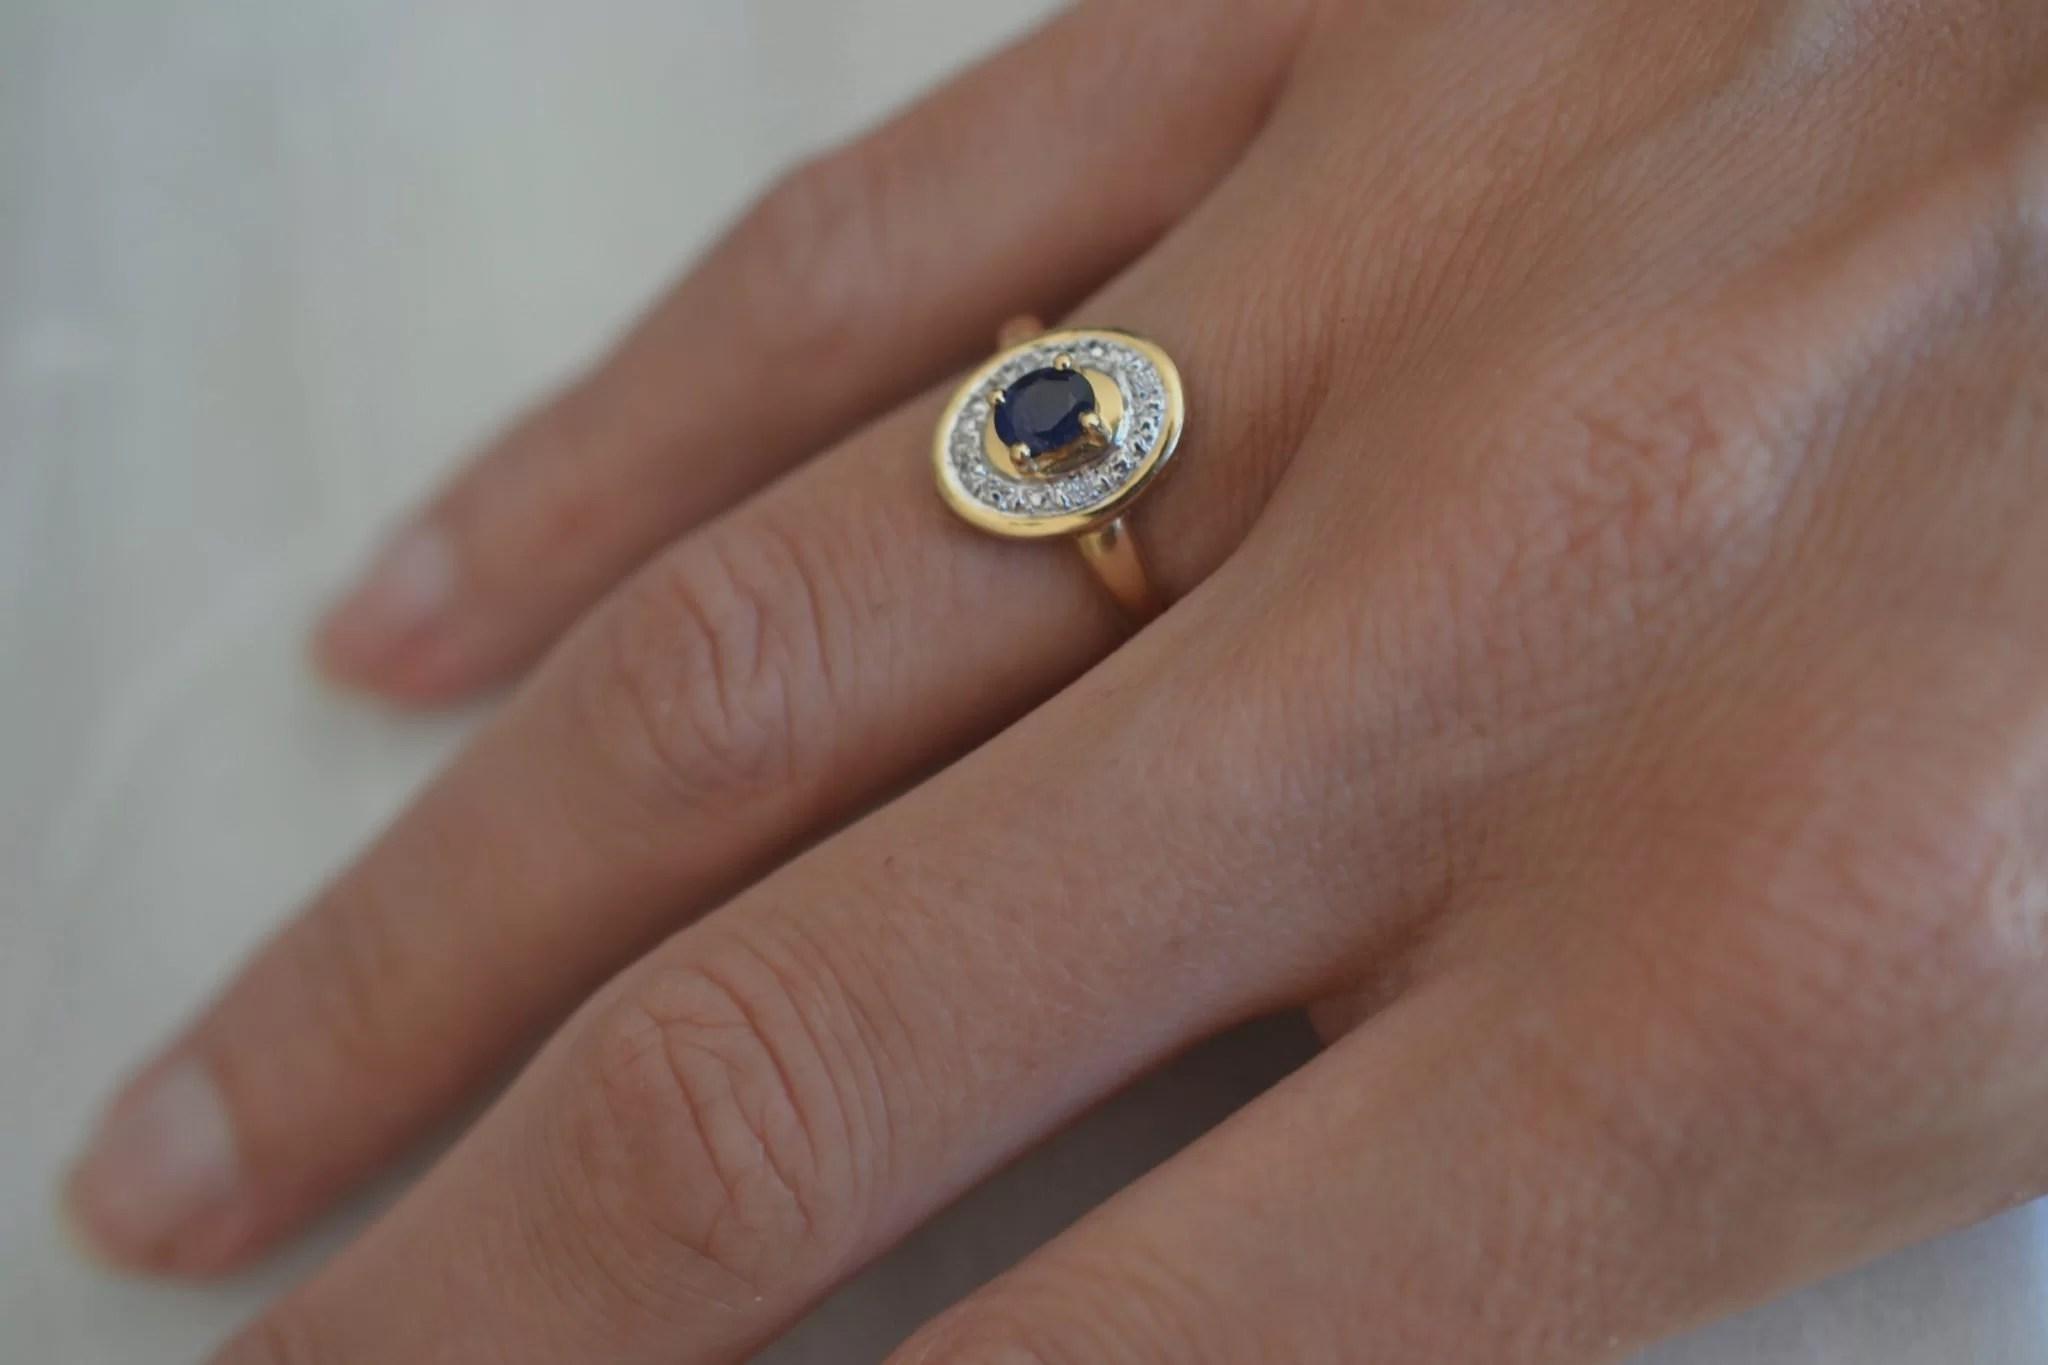 Bague saphir et 4 diamants, en Or jaune 18 carats, 750:1000 - Bijoux anciens - bague de fiançailles ancienne